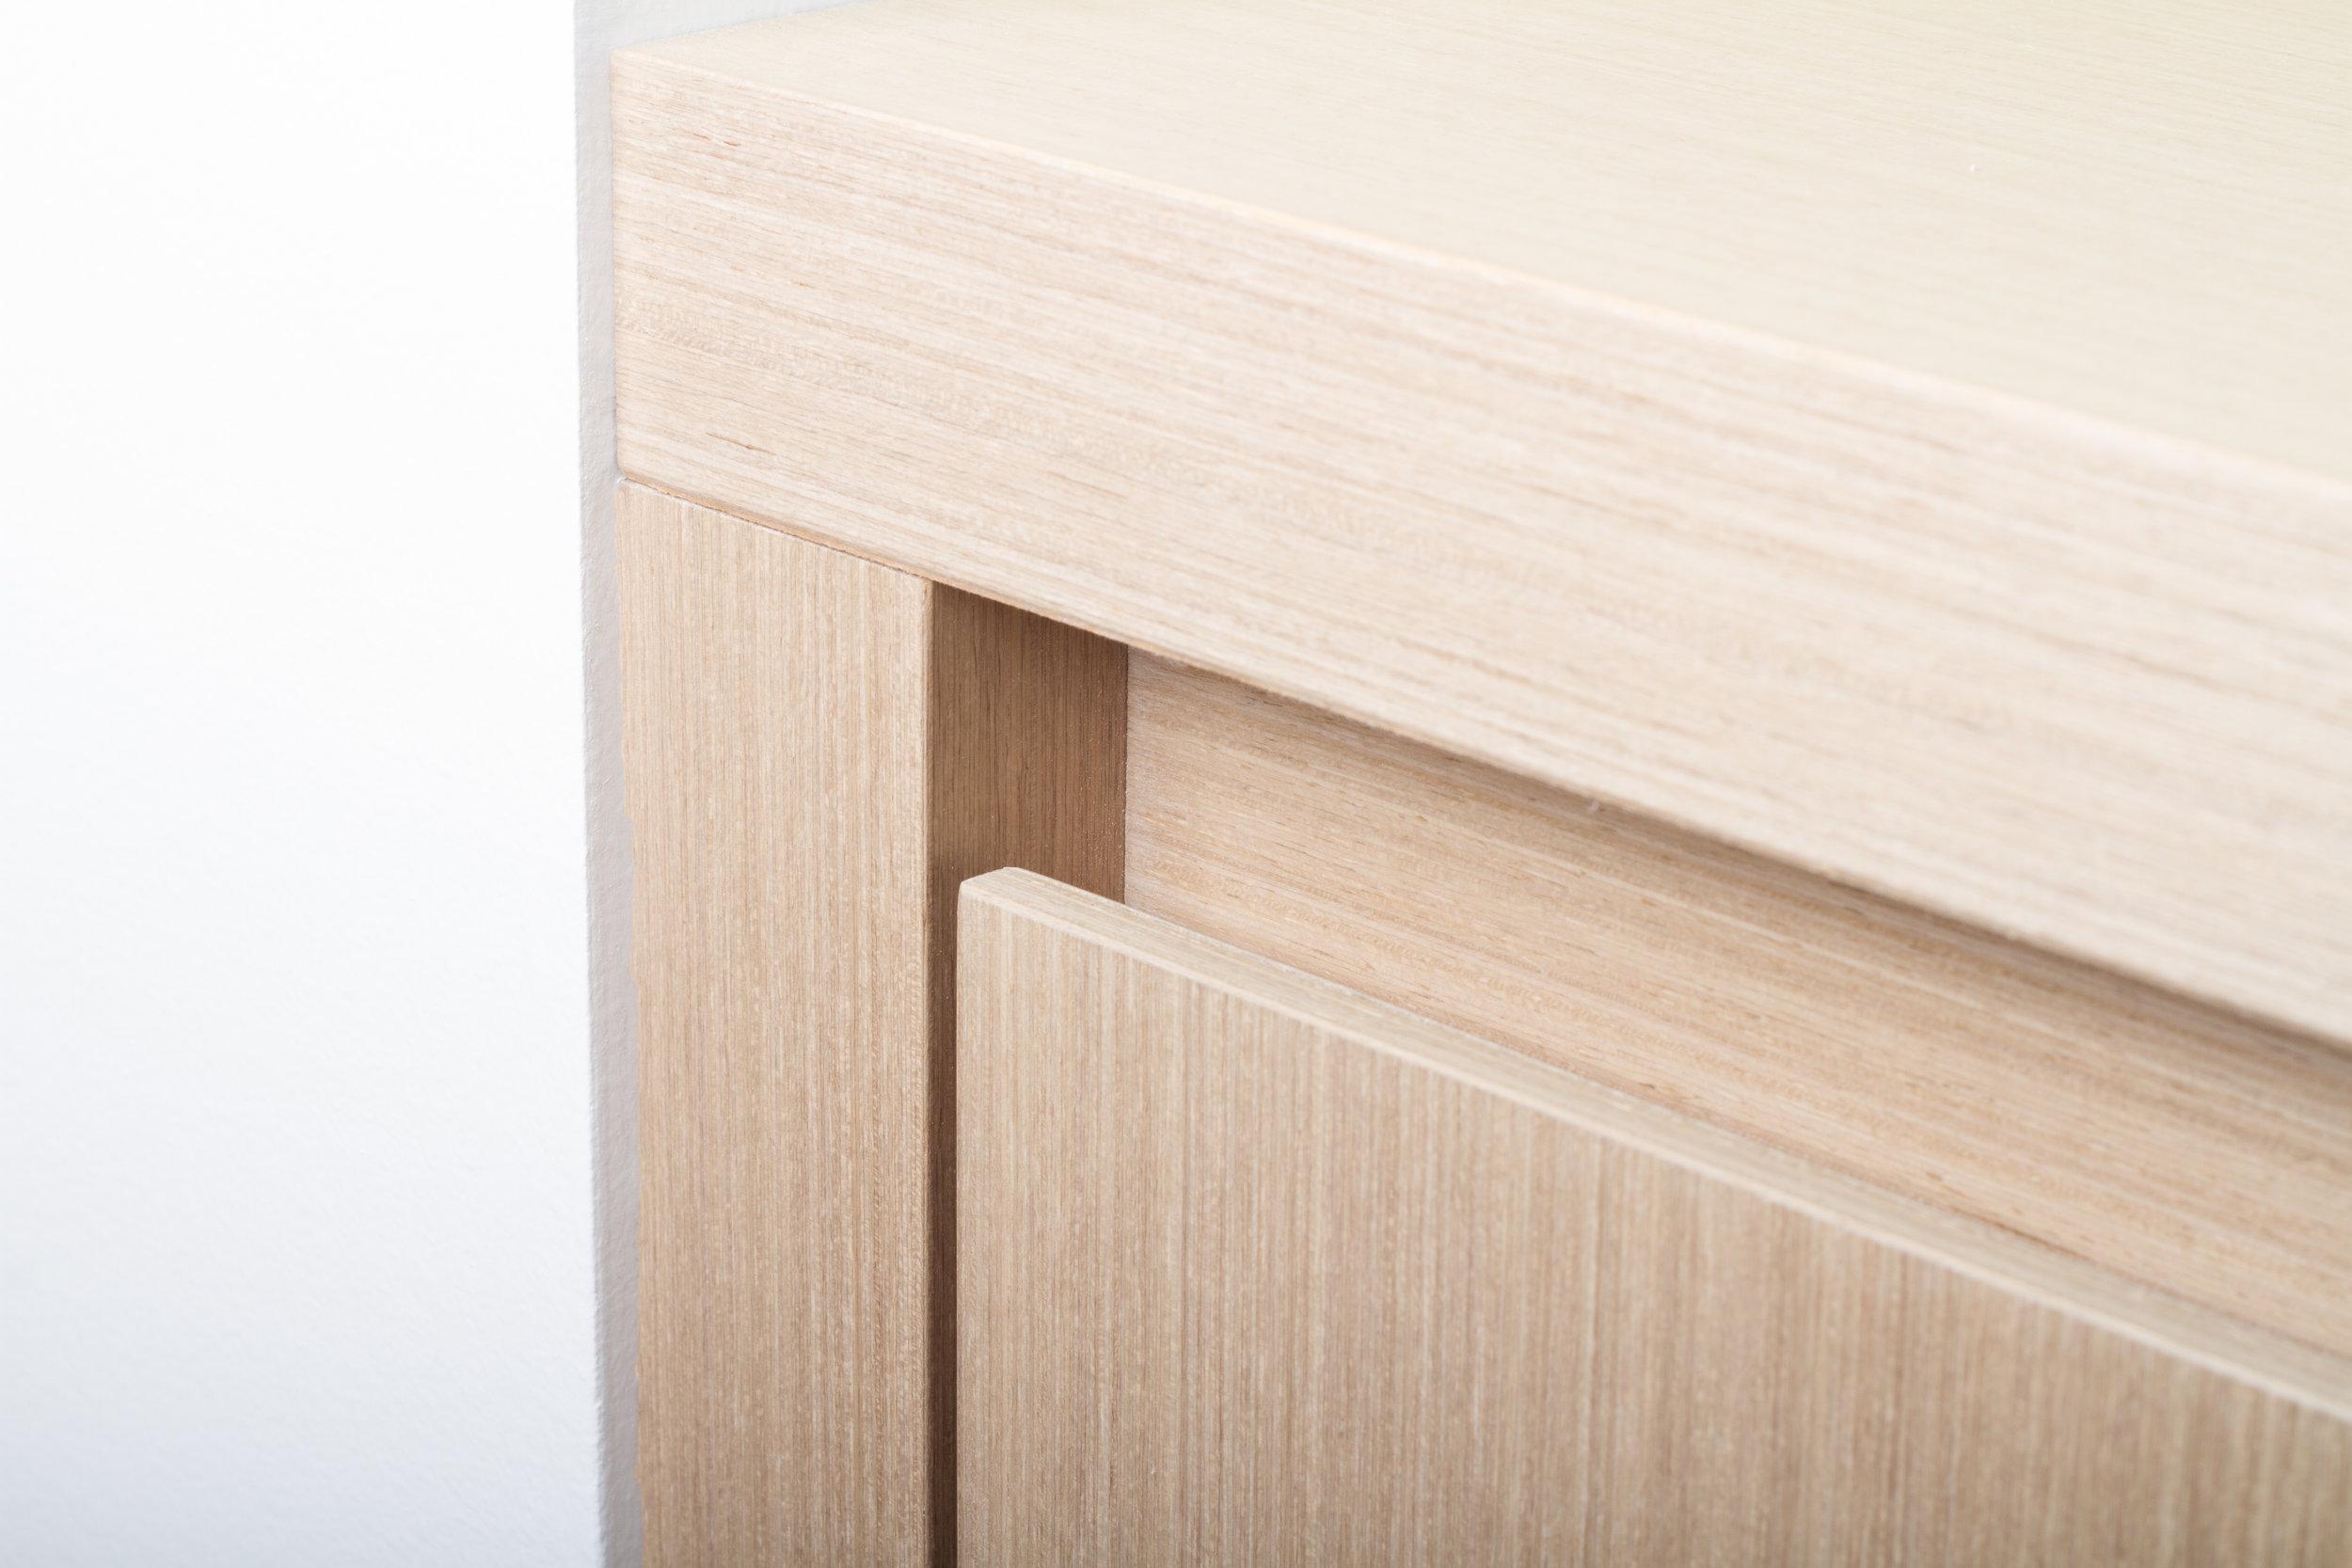 mocoro-studio-interior-design-architecture-home-styling-03.jpg